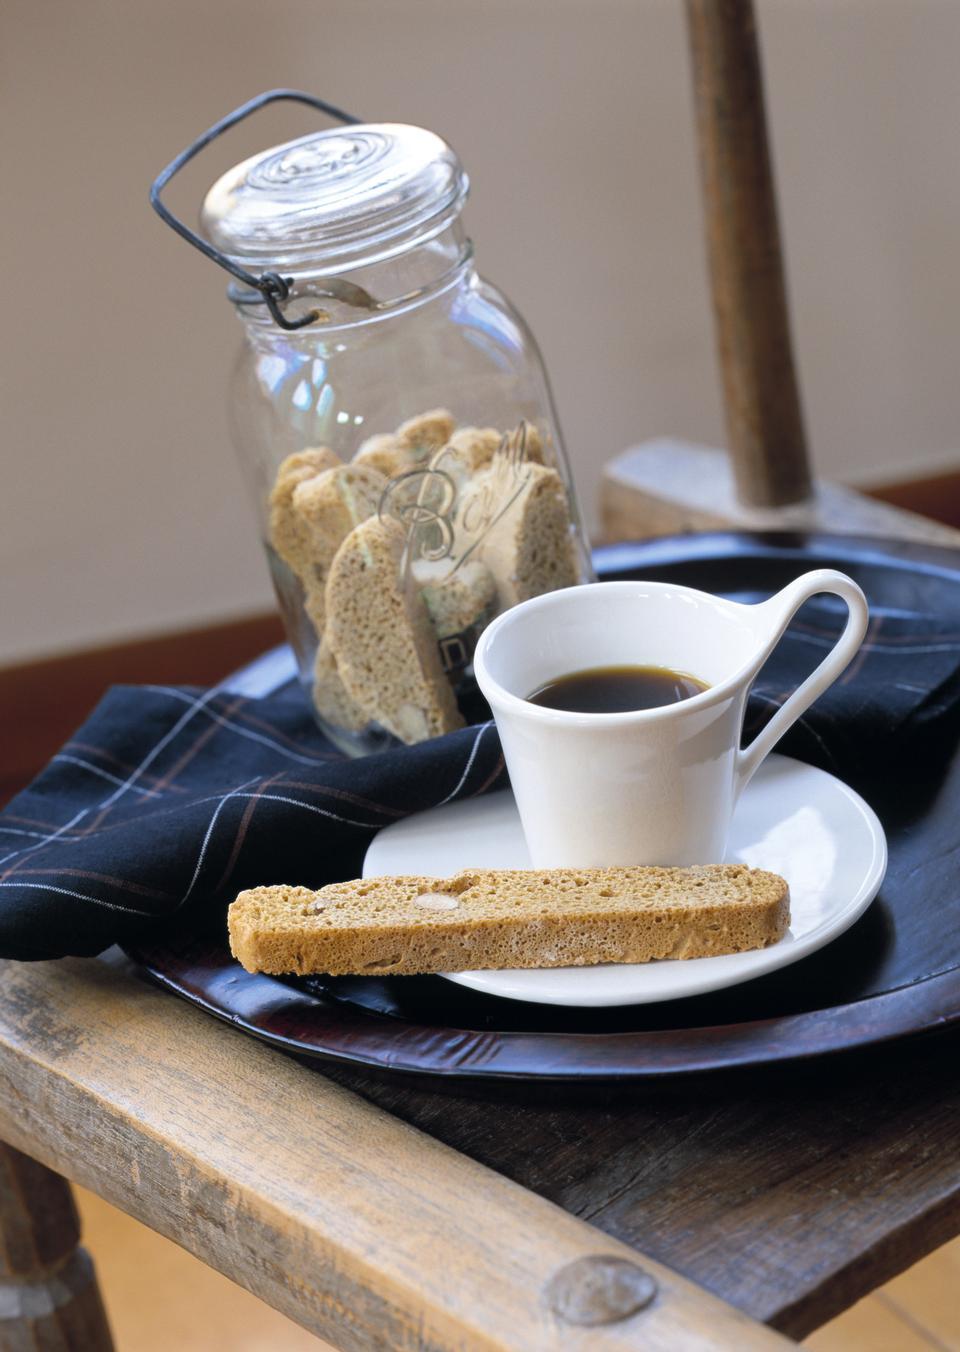 热咖啡面包和饼干瓶